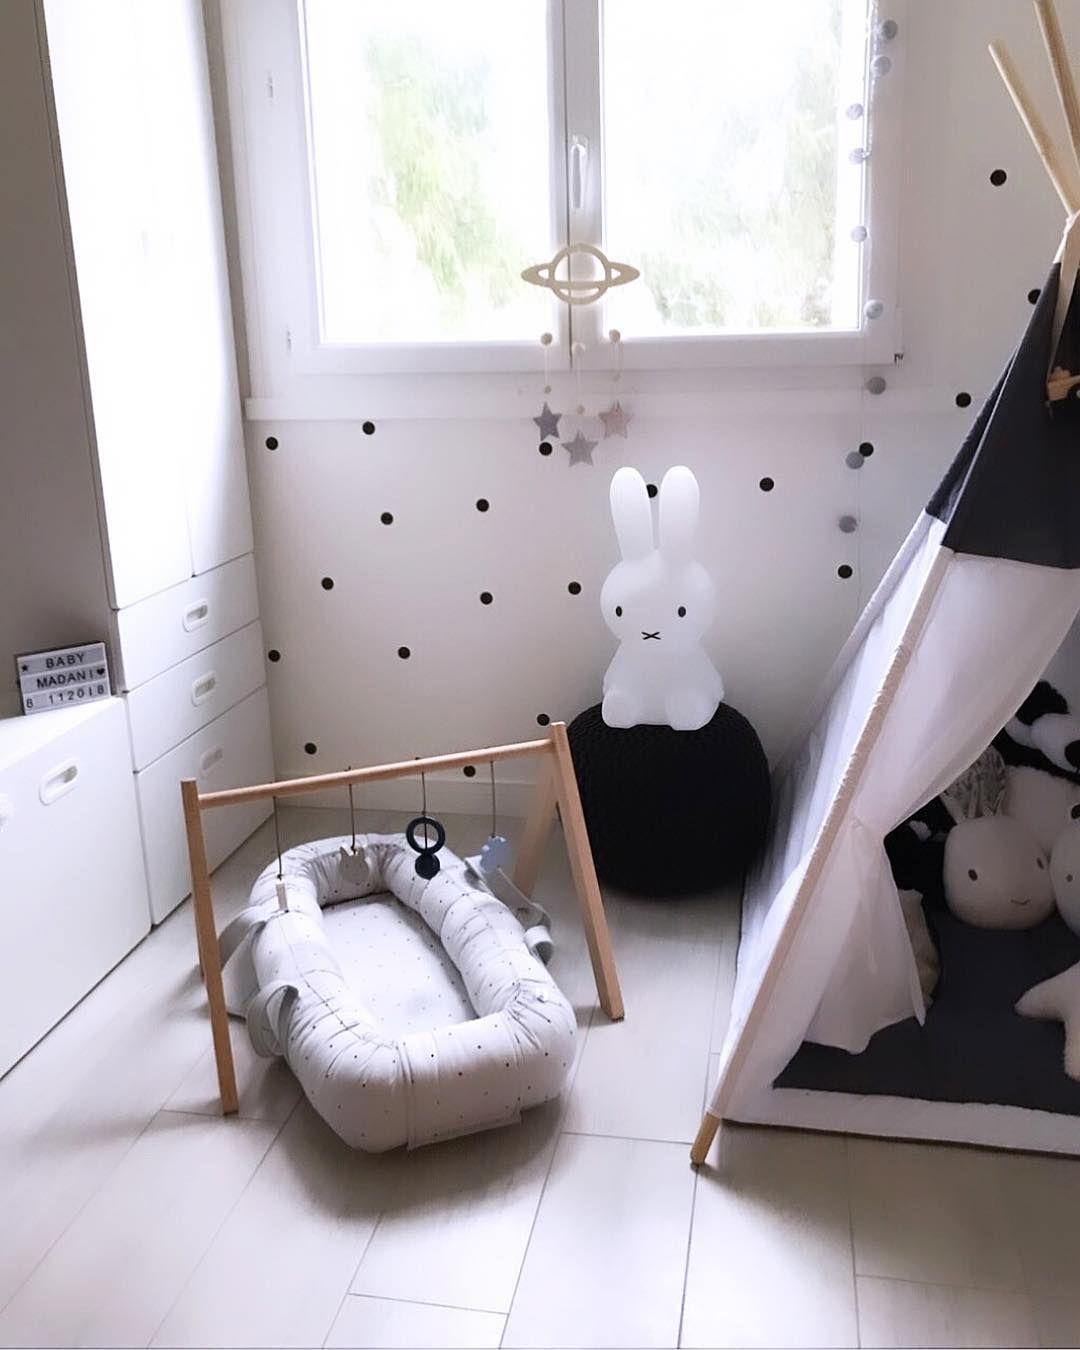 Décorer Son Mur Avec Des Photos new] the 10 best home decor (with pictures) - Hello